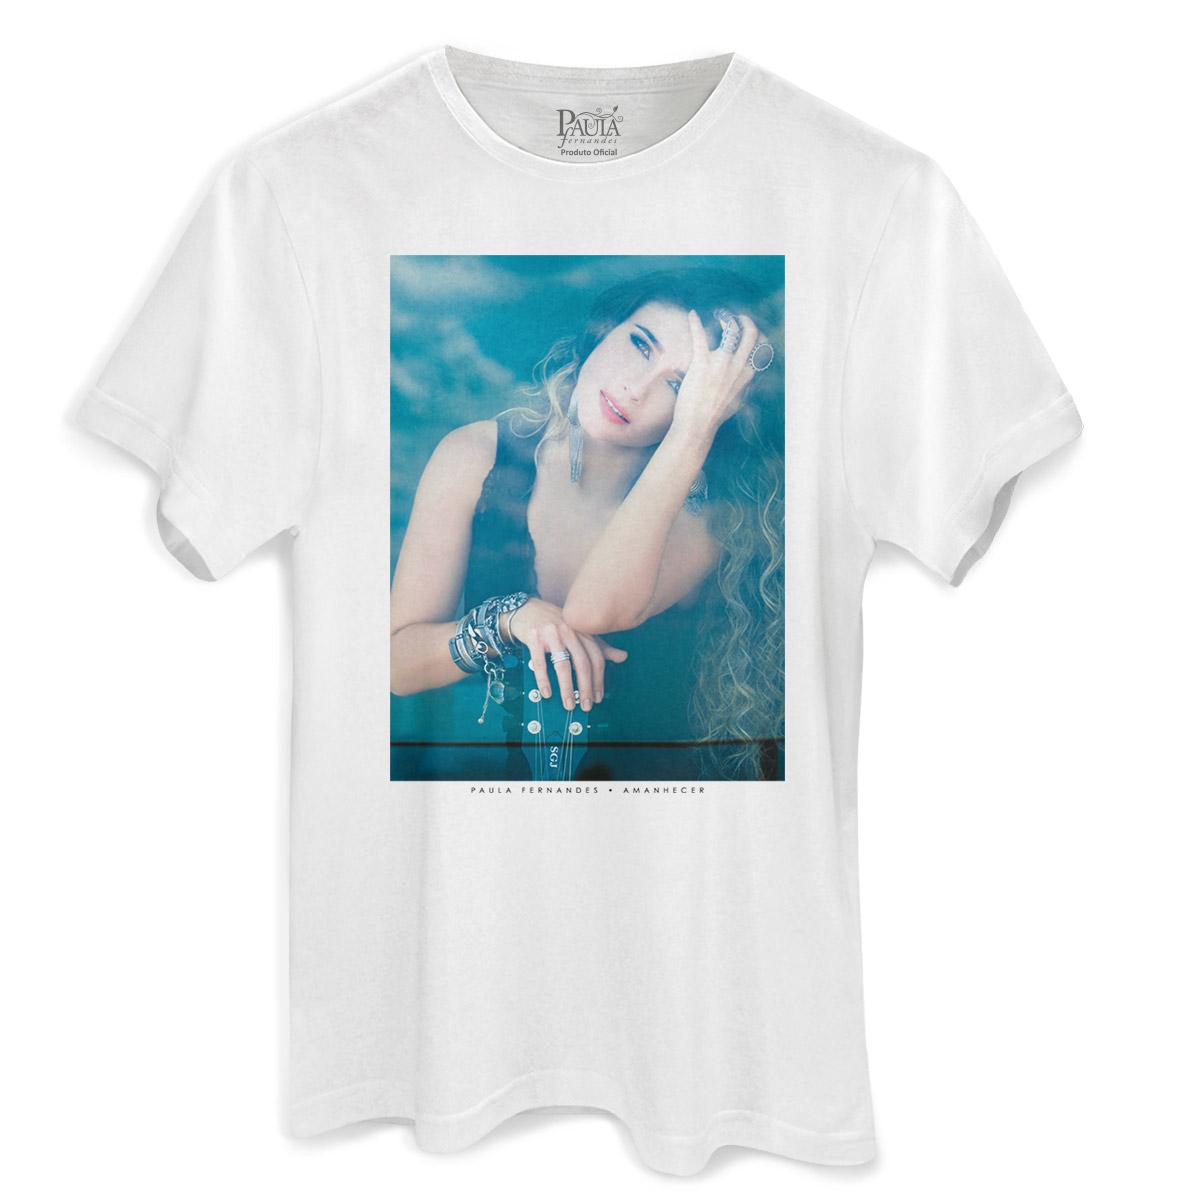 Camiseta Masculina Paula Fernandes Amanhecer Capa